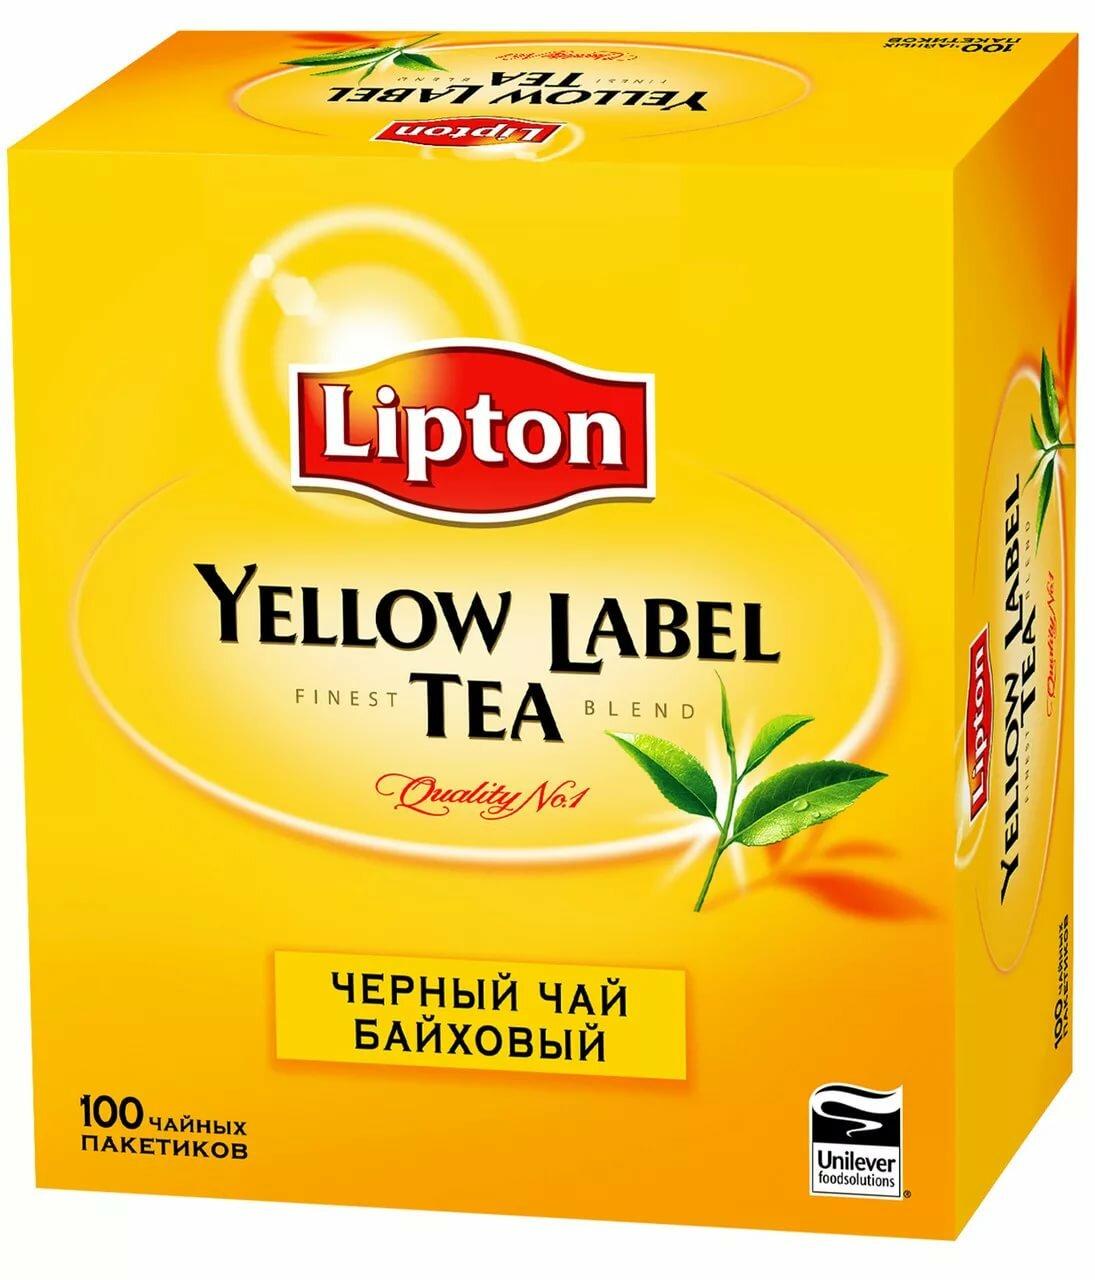 Упаковка чай картинки